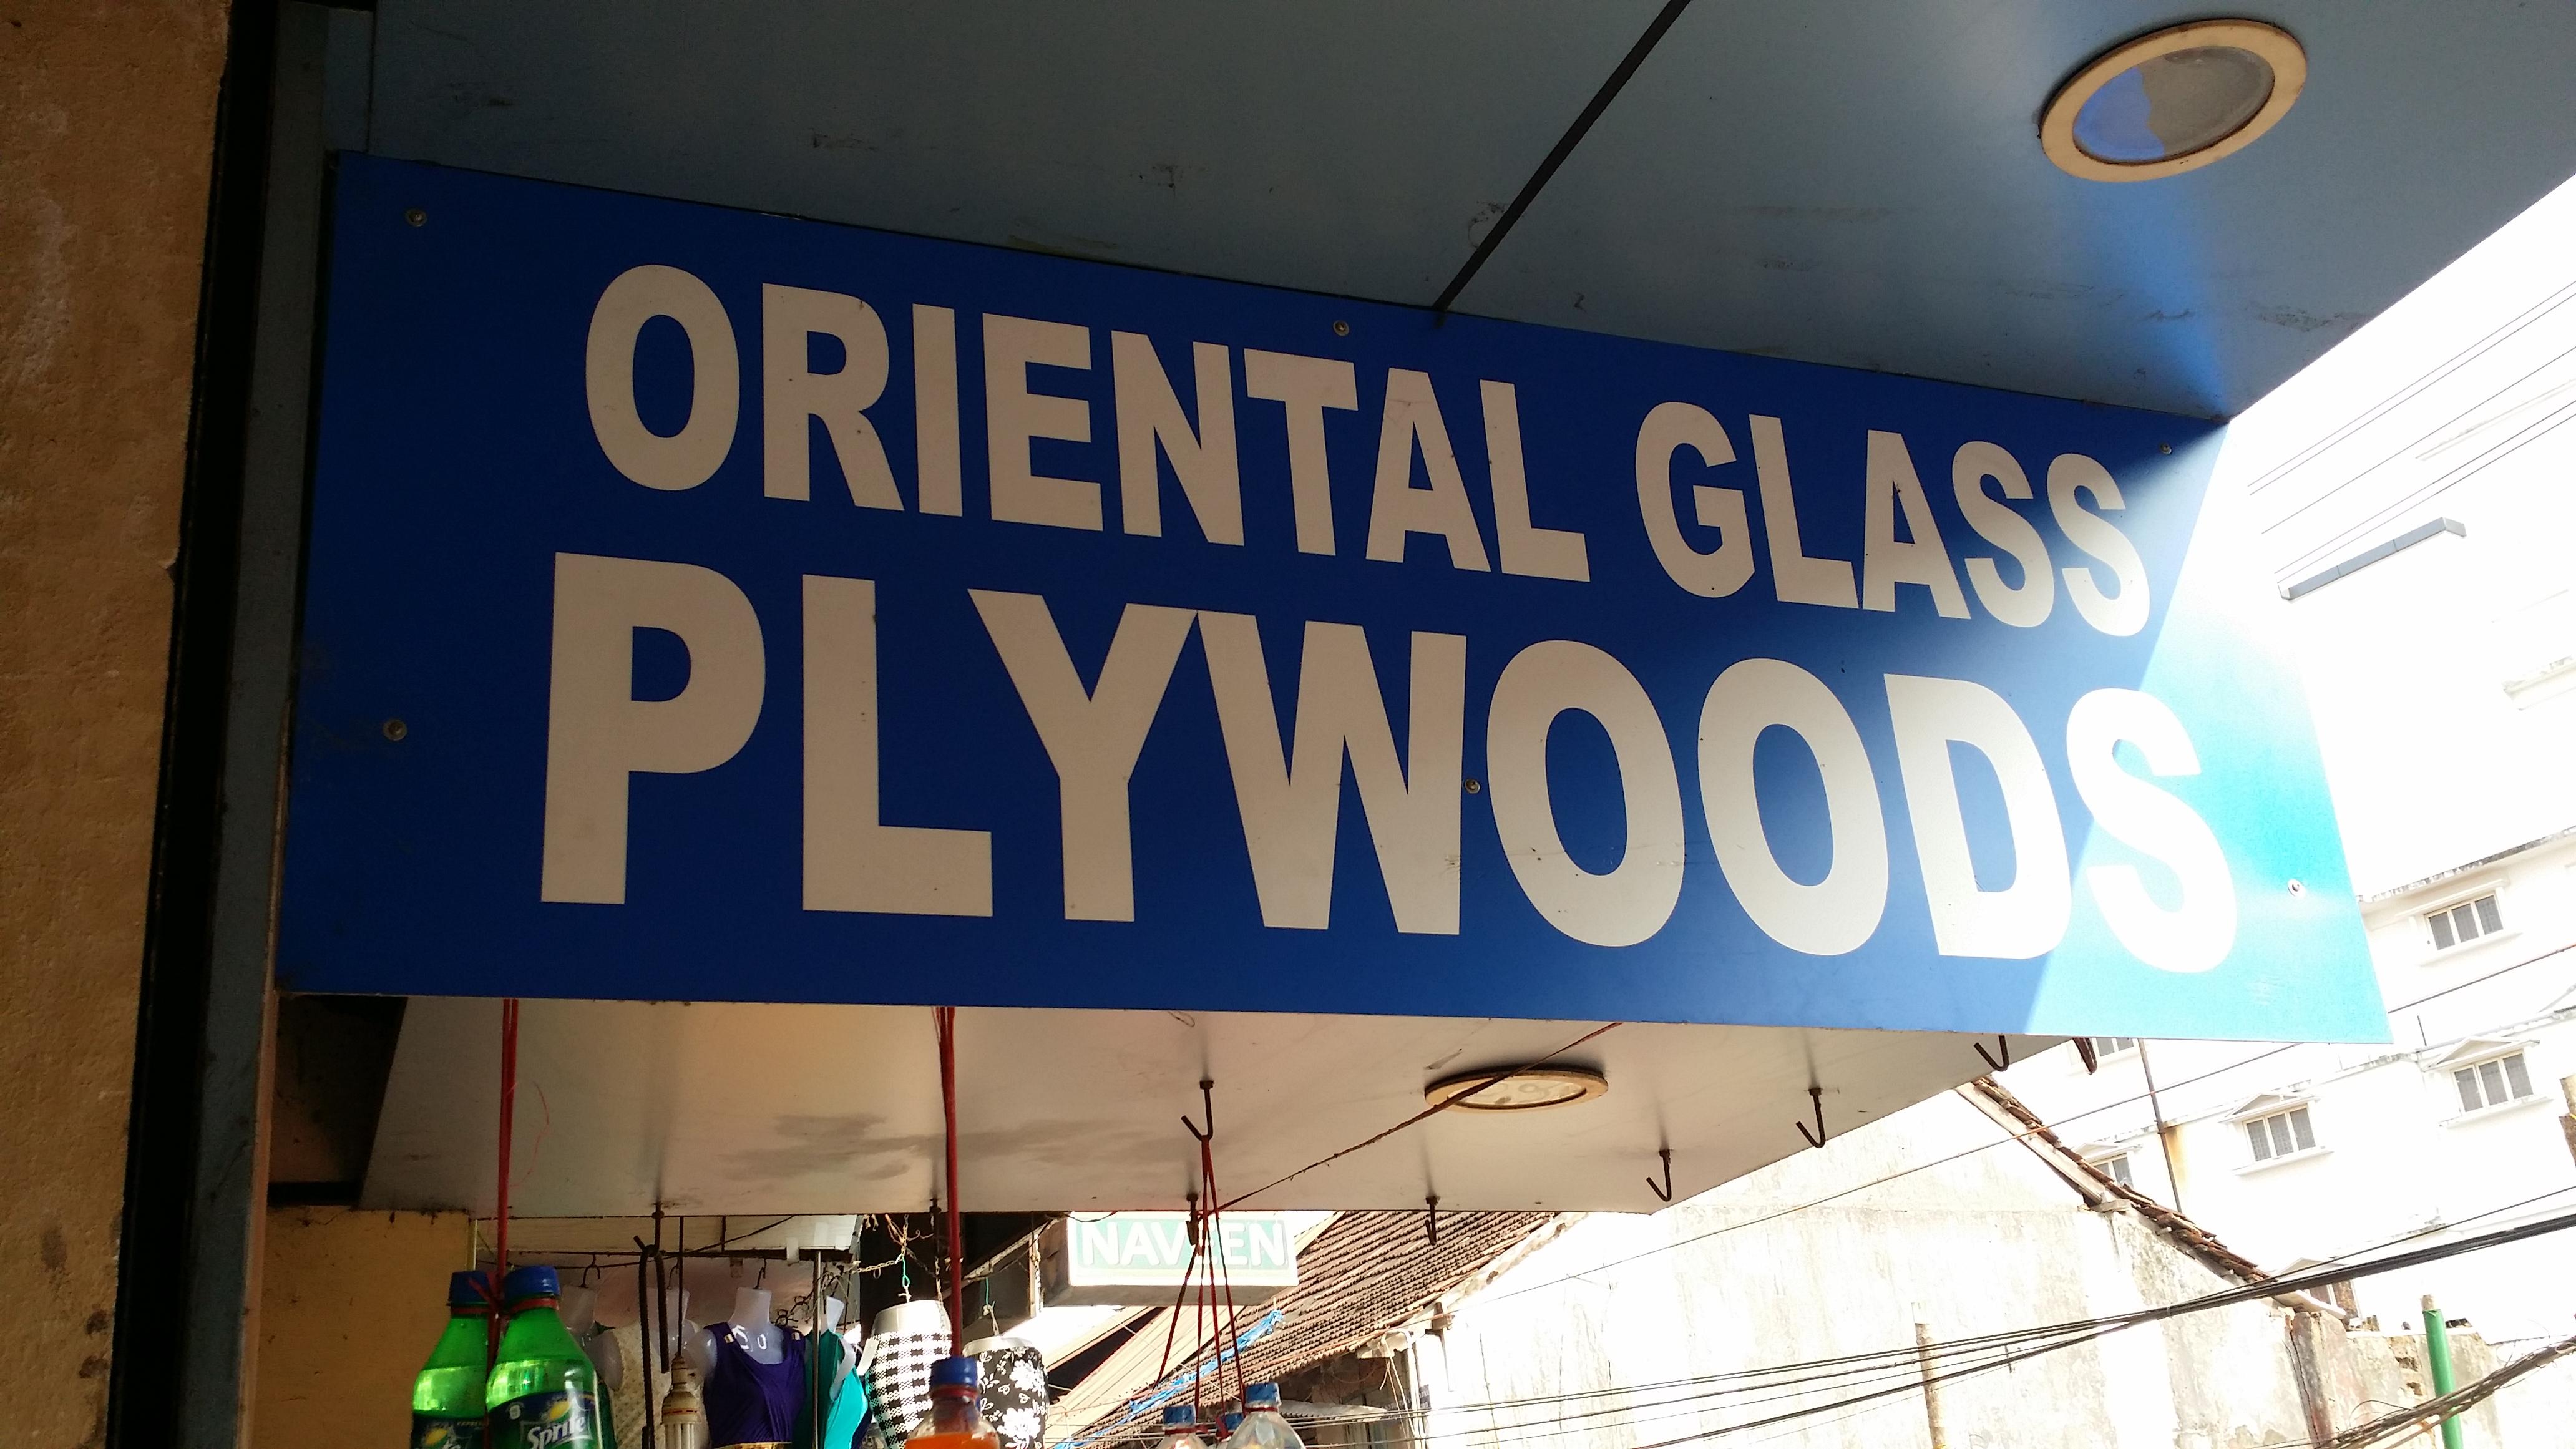 Oriental Glass&Plywoods - logo